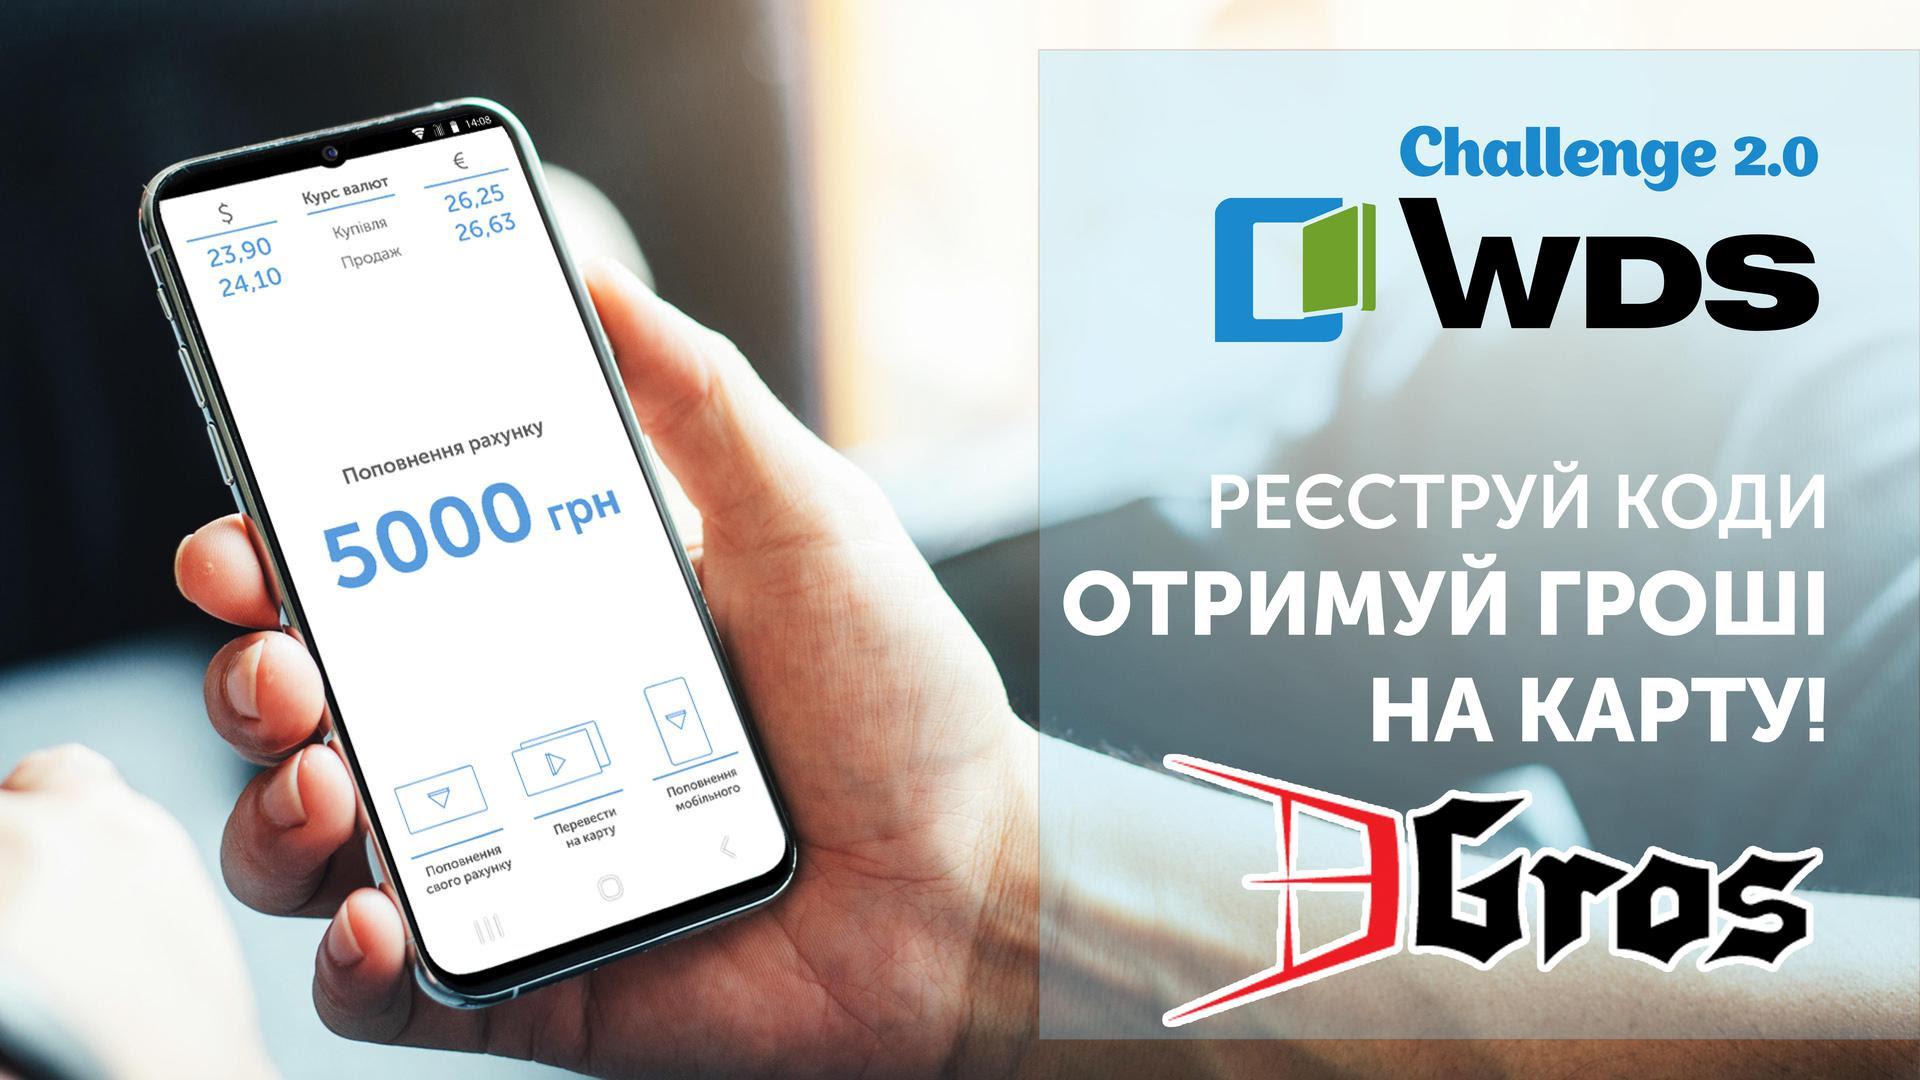 WDS Challenge 2.0